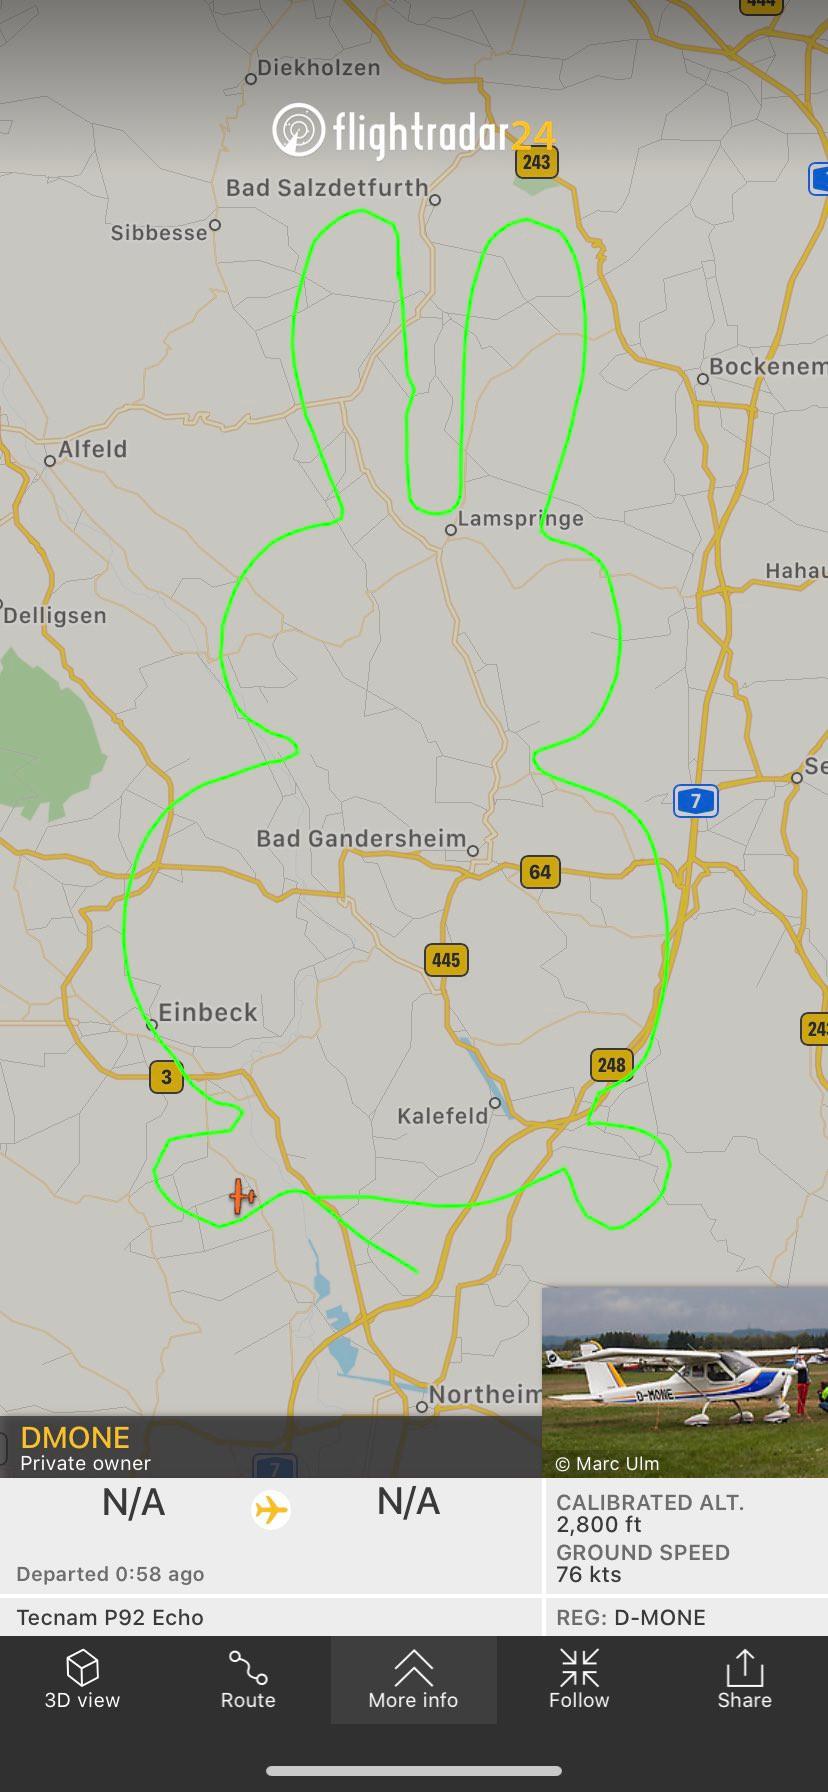 นักบินเยอรมันโชว์ภาพเส้นทางบินรูปกระต่ายฉลองเทศกาลอีสเตอร์